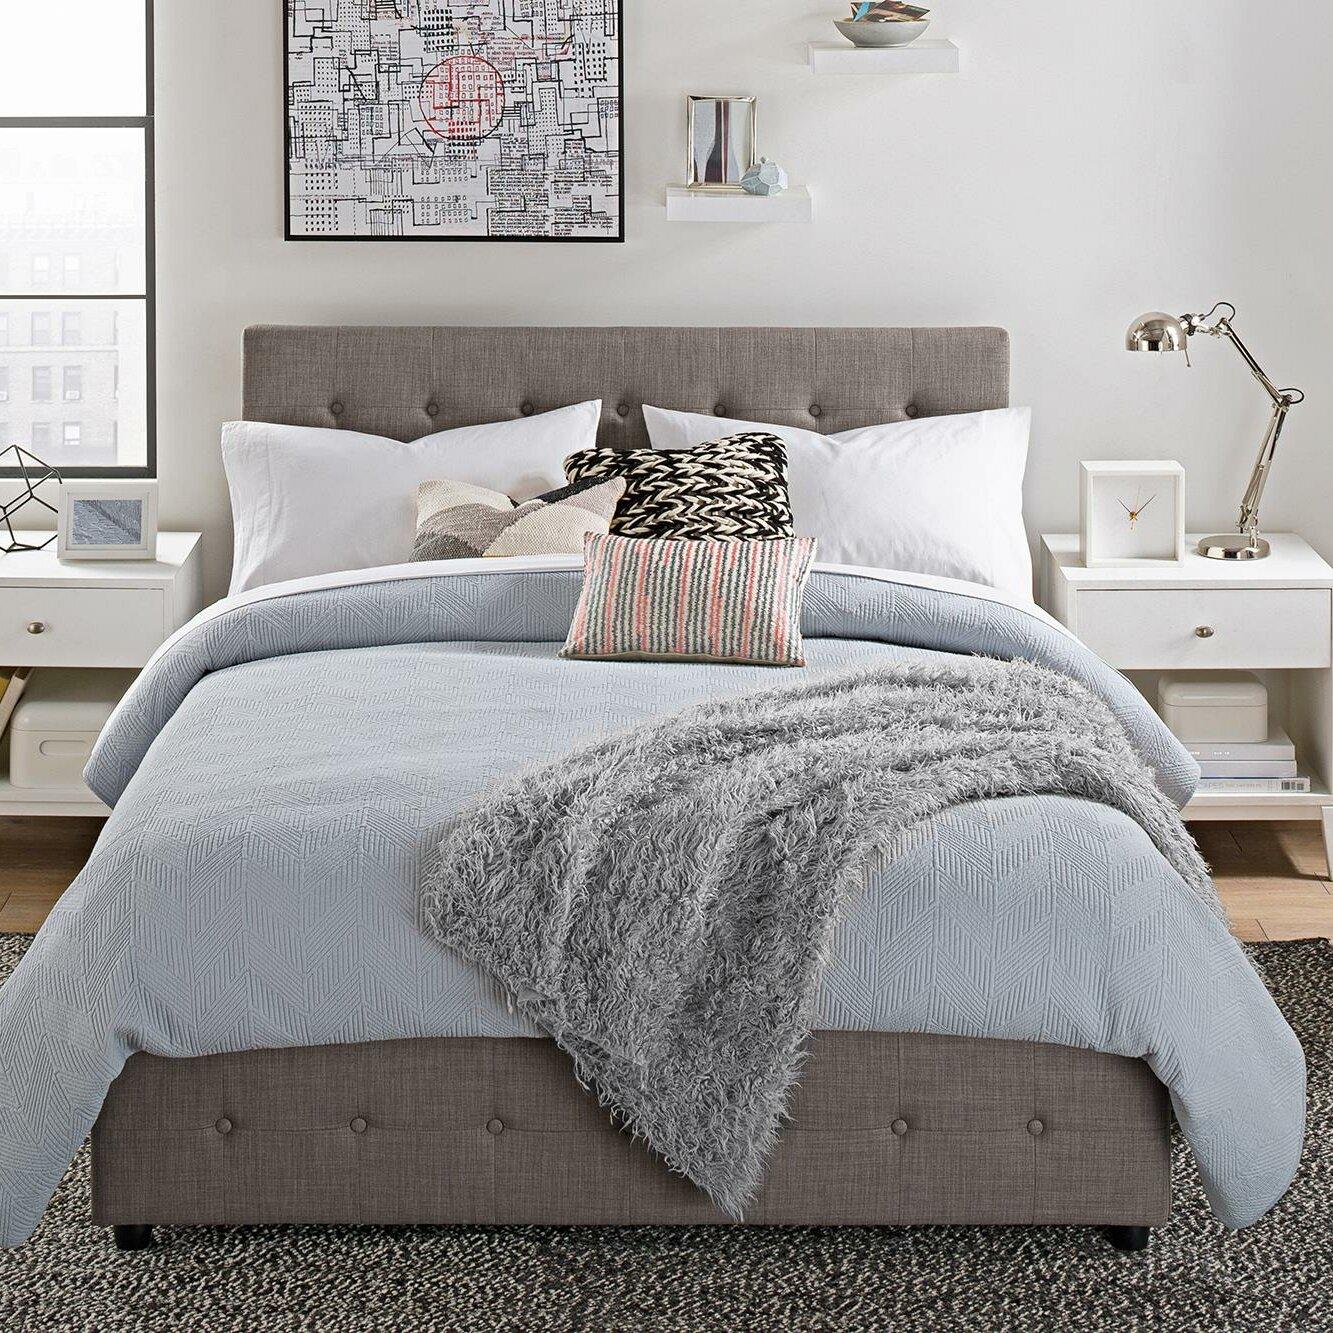 Brayden Studio Morphis Upholstered Platform Bed